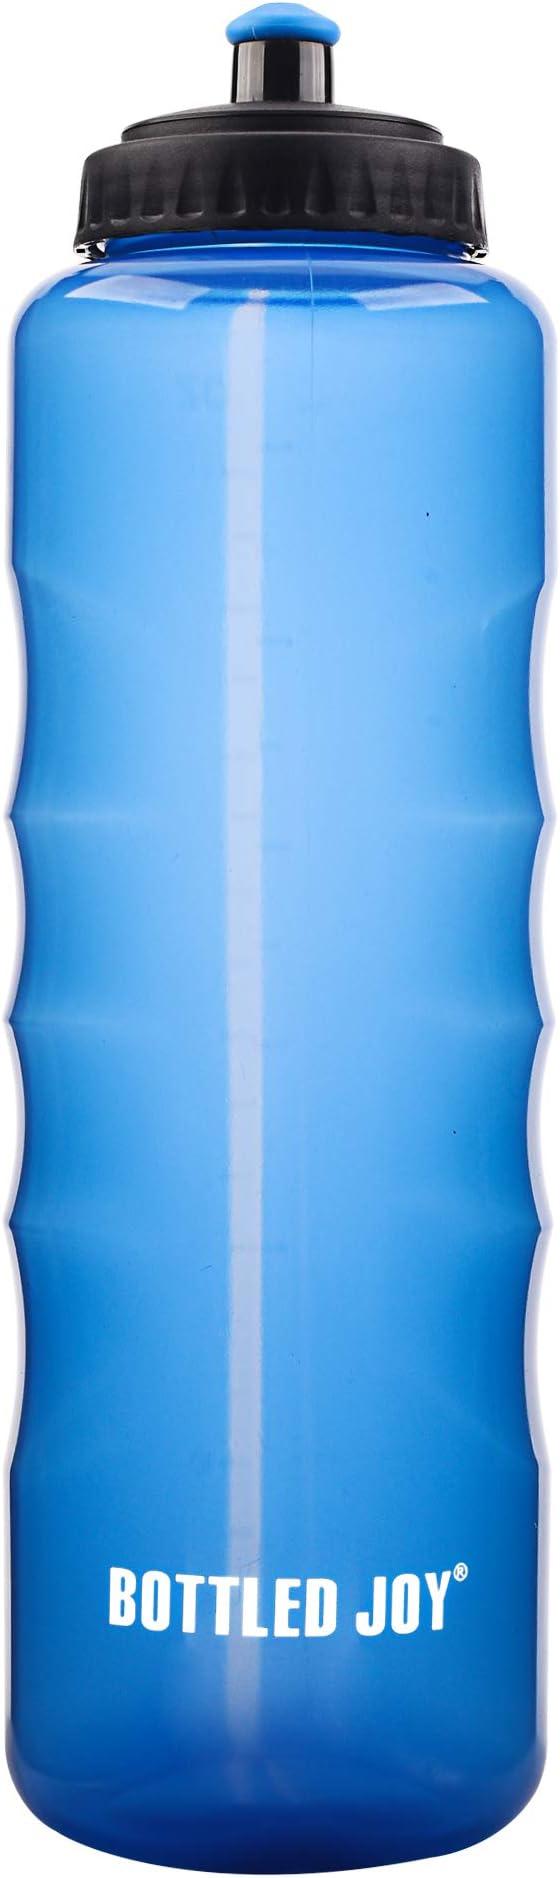 Joy Sports Bouteille deau en Bouteille Bleu Clair 1.5L